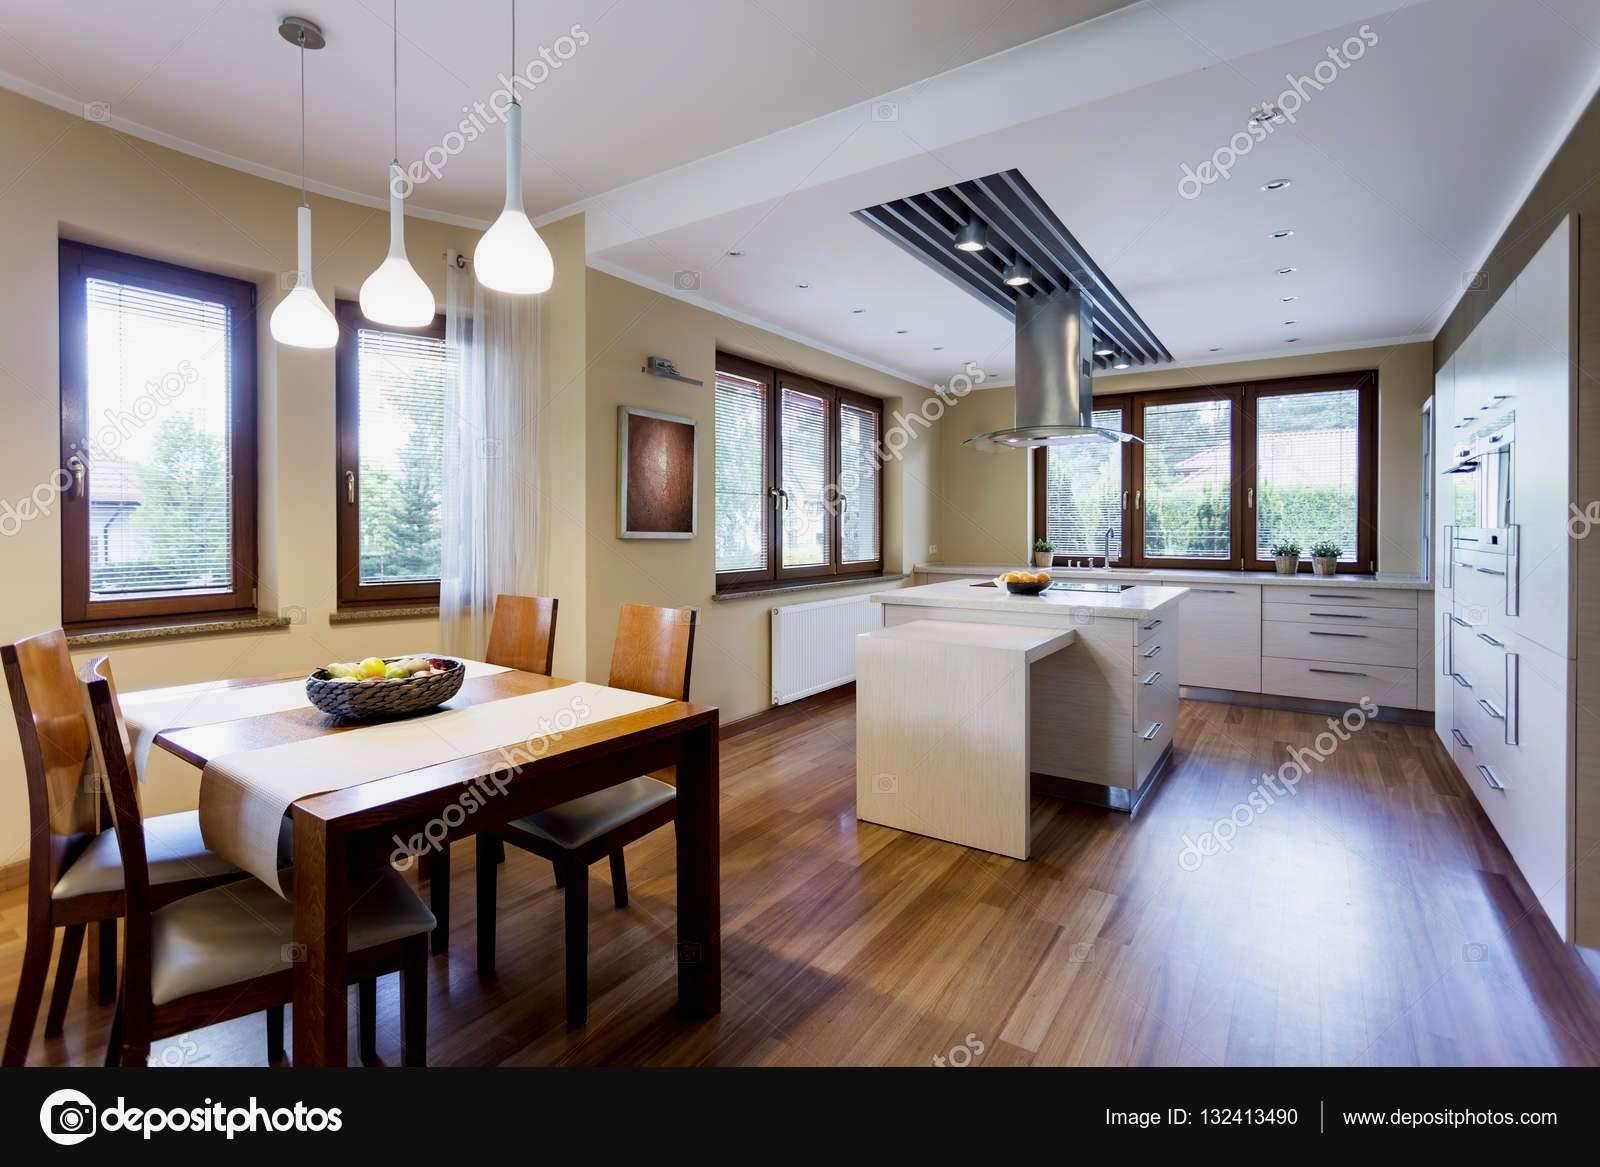 wohnzimmer gemutlich einrichten inspirierend inspirierend gemutliche wohnzimmer of wohnzimmer gemutlich einrichten